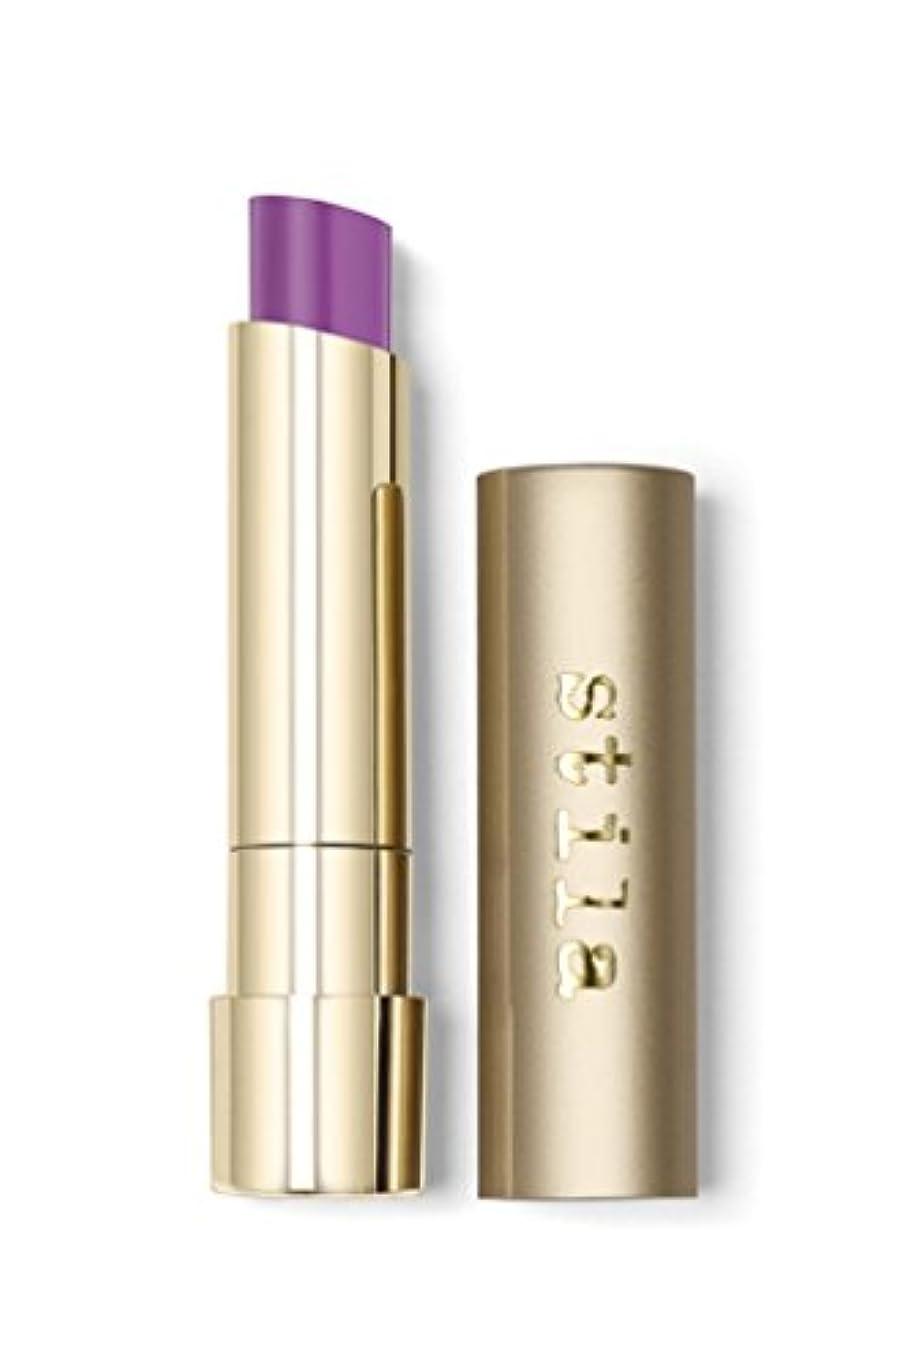 あざバンケット広がりスティラ Color Balm Lipstick - # Becky (Mid Tone Cool Magenta) 3g/0.1oz並行輸入品